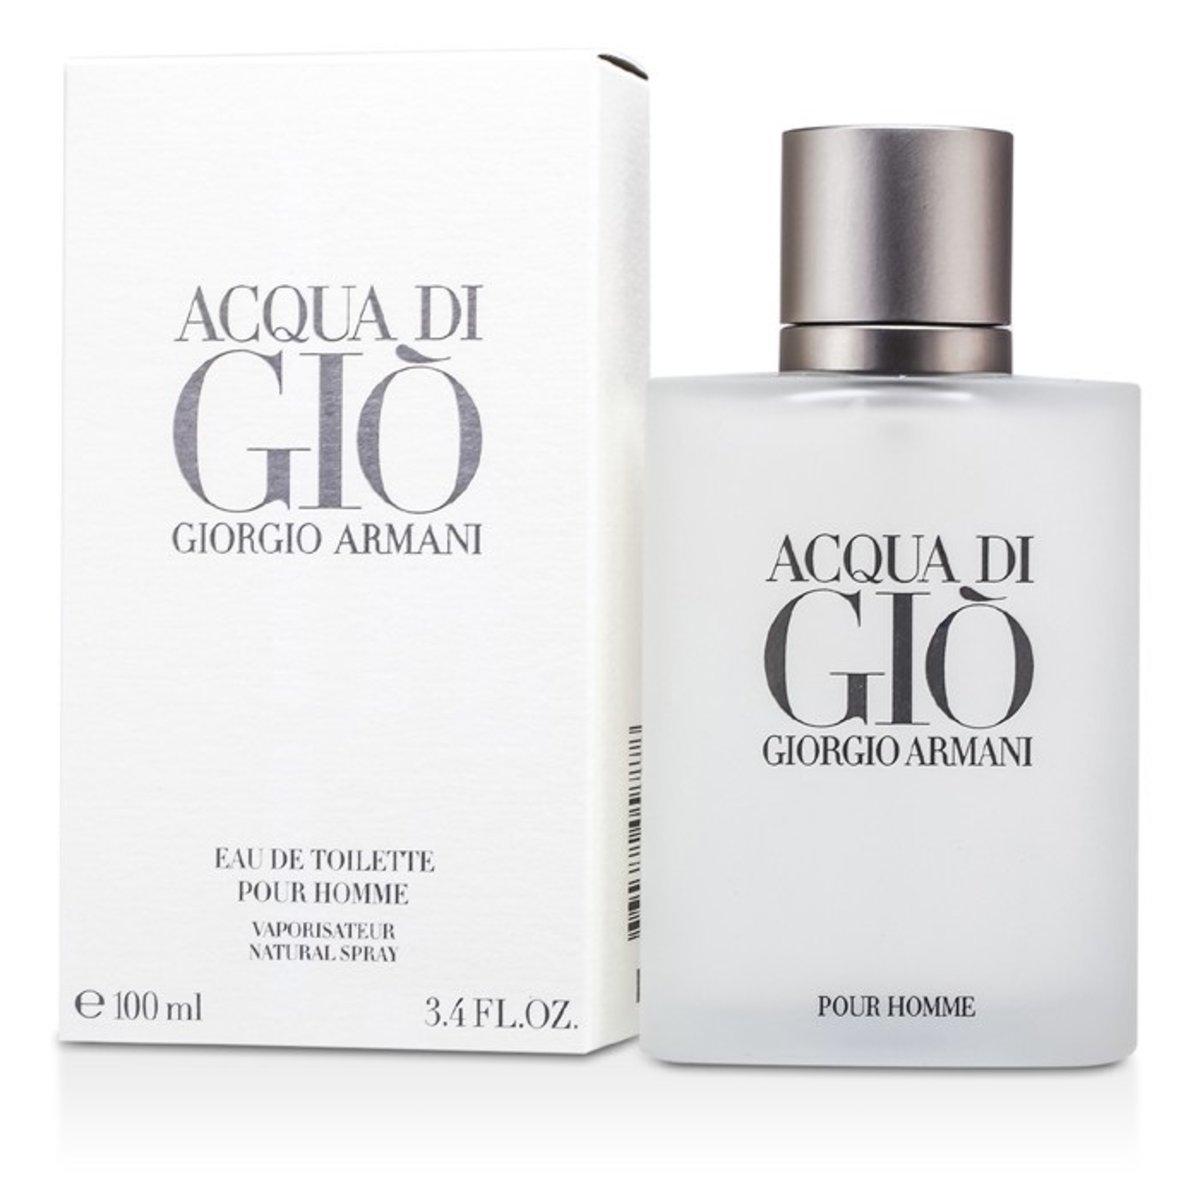 Giorgio Armani Acqua Di Gio EDT 噴霧100毫升